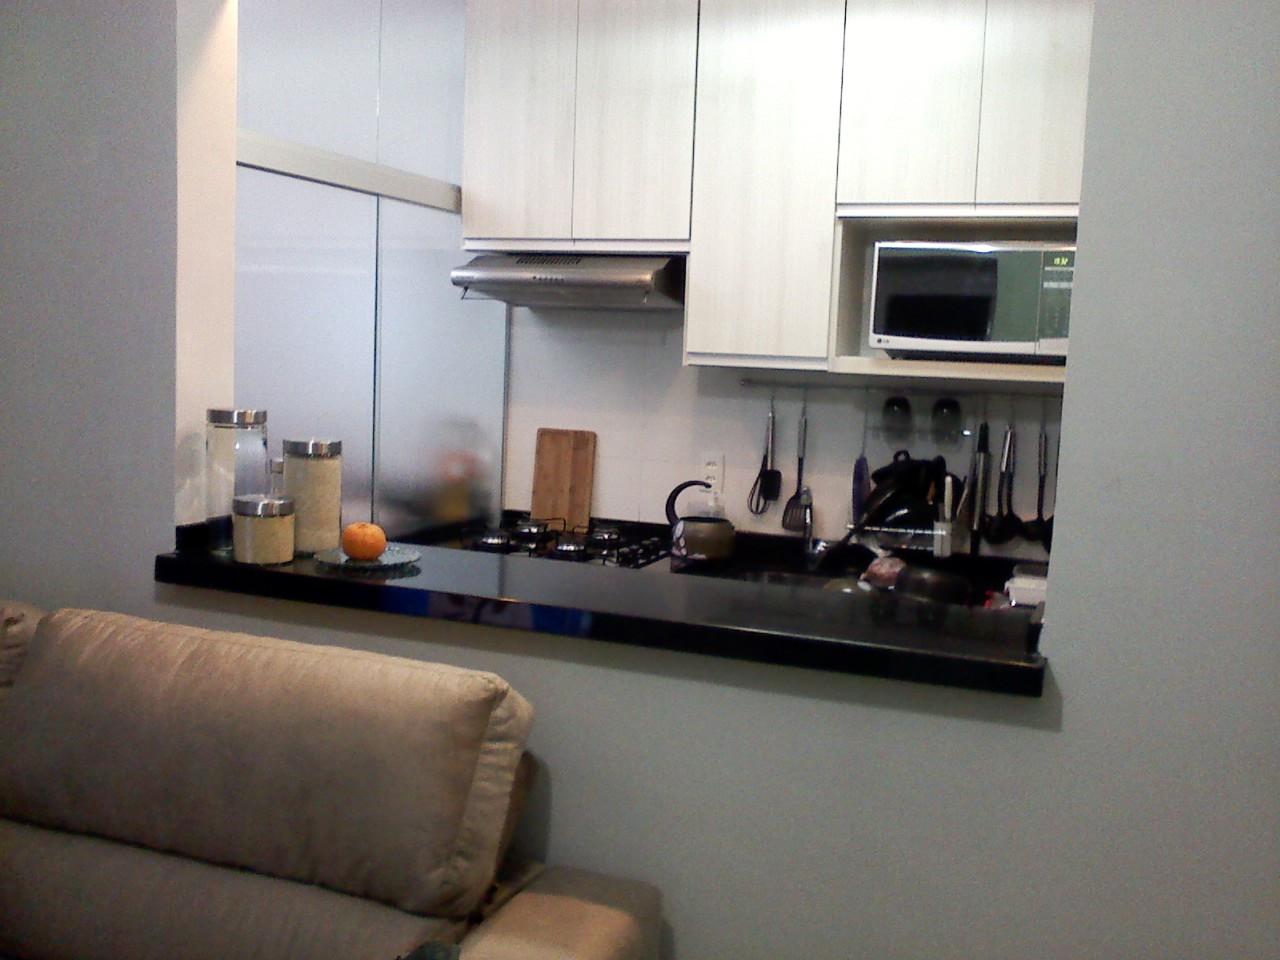 #604D40 Nosso Apêzinho: Passa Pratos! 1280x960 px Projetos De Cozinha Com Passa Prato #267 imagens